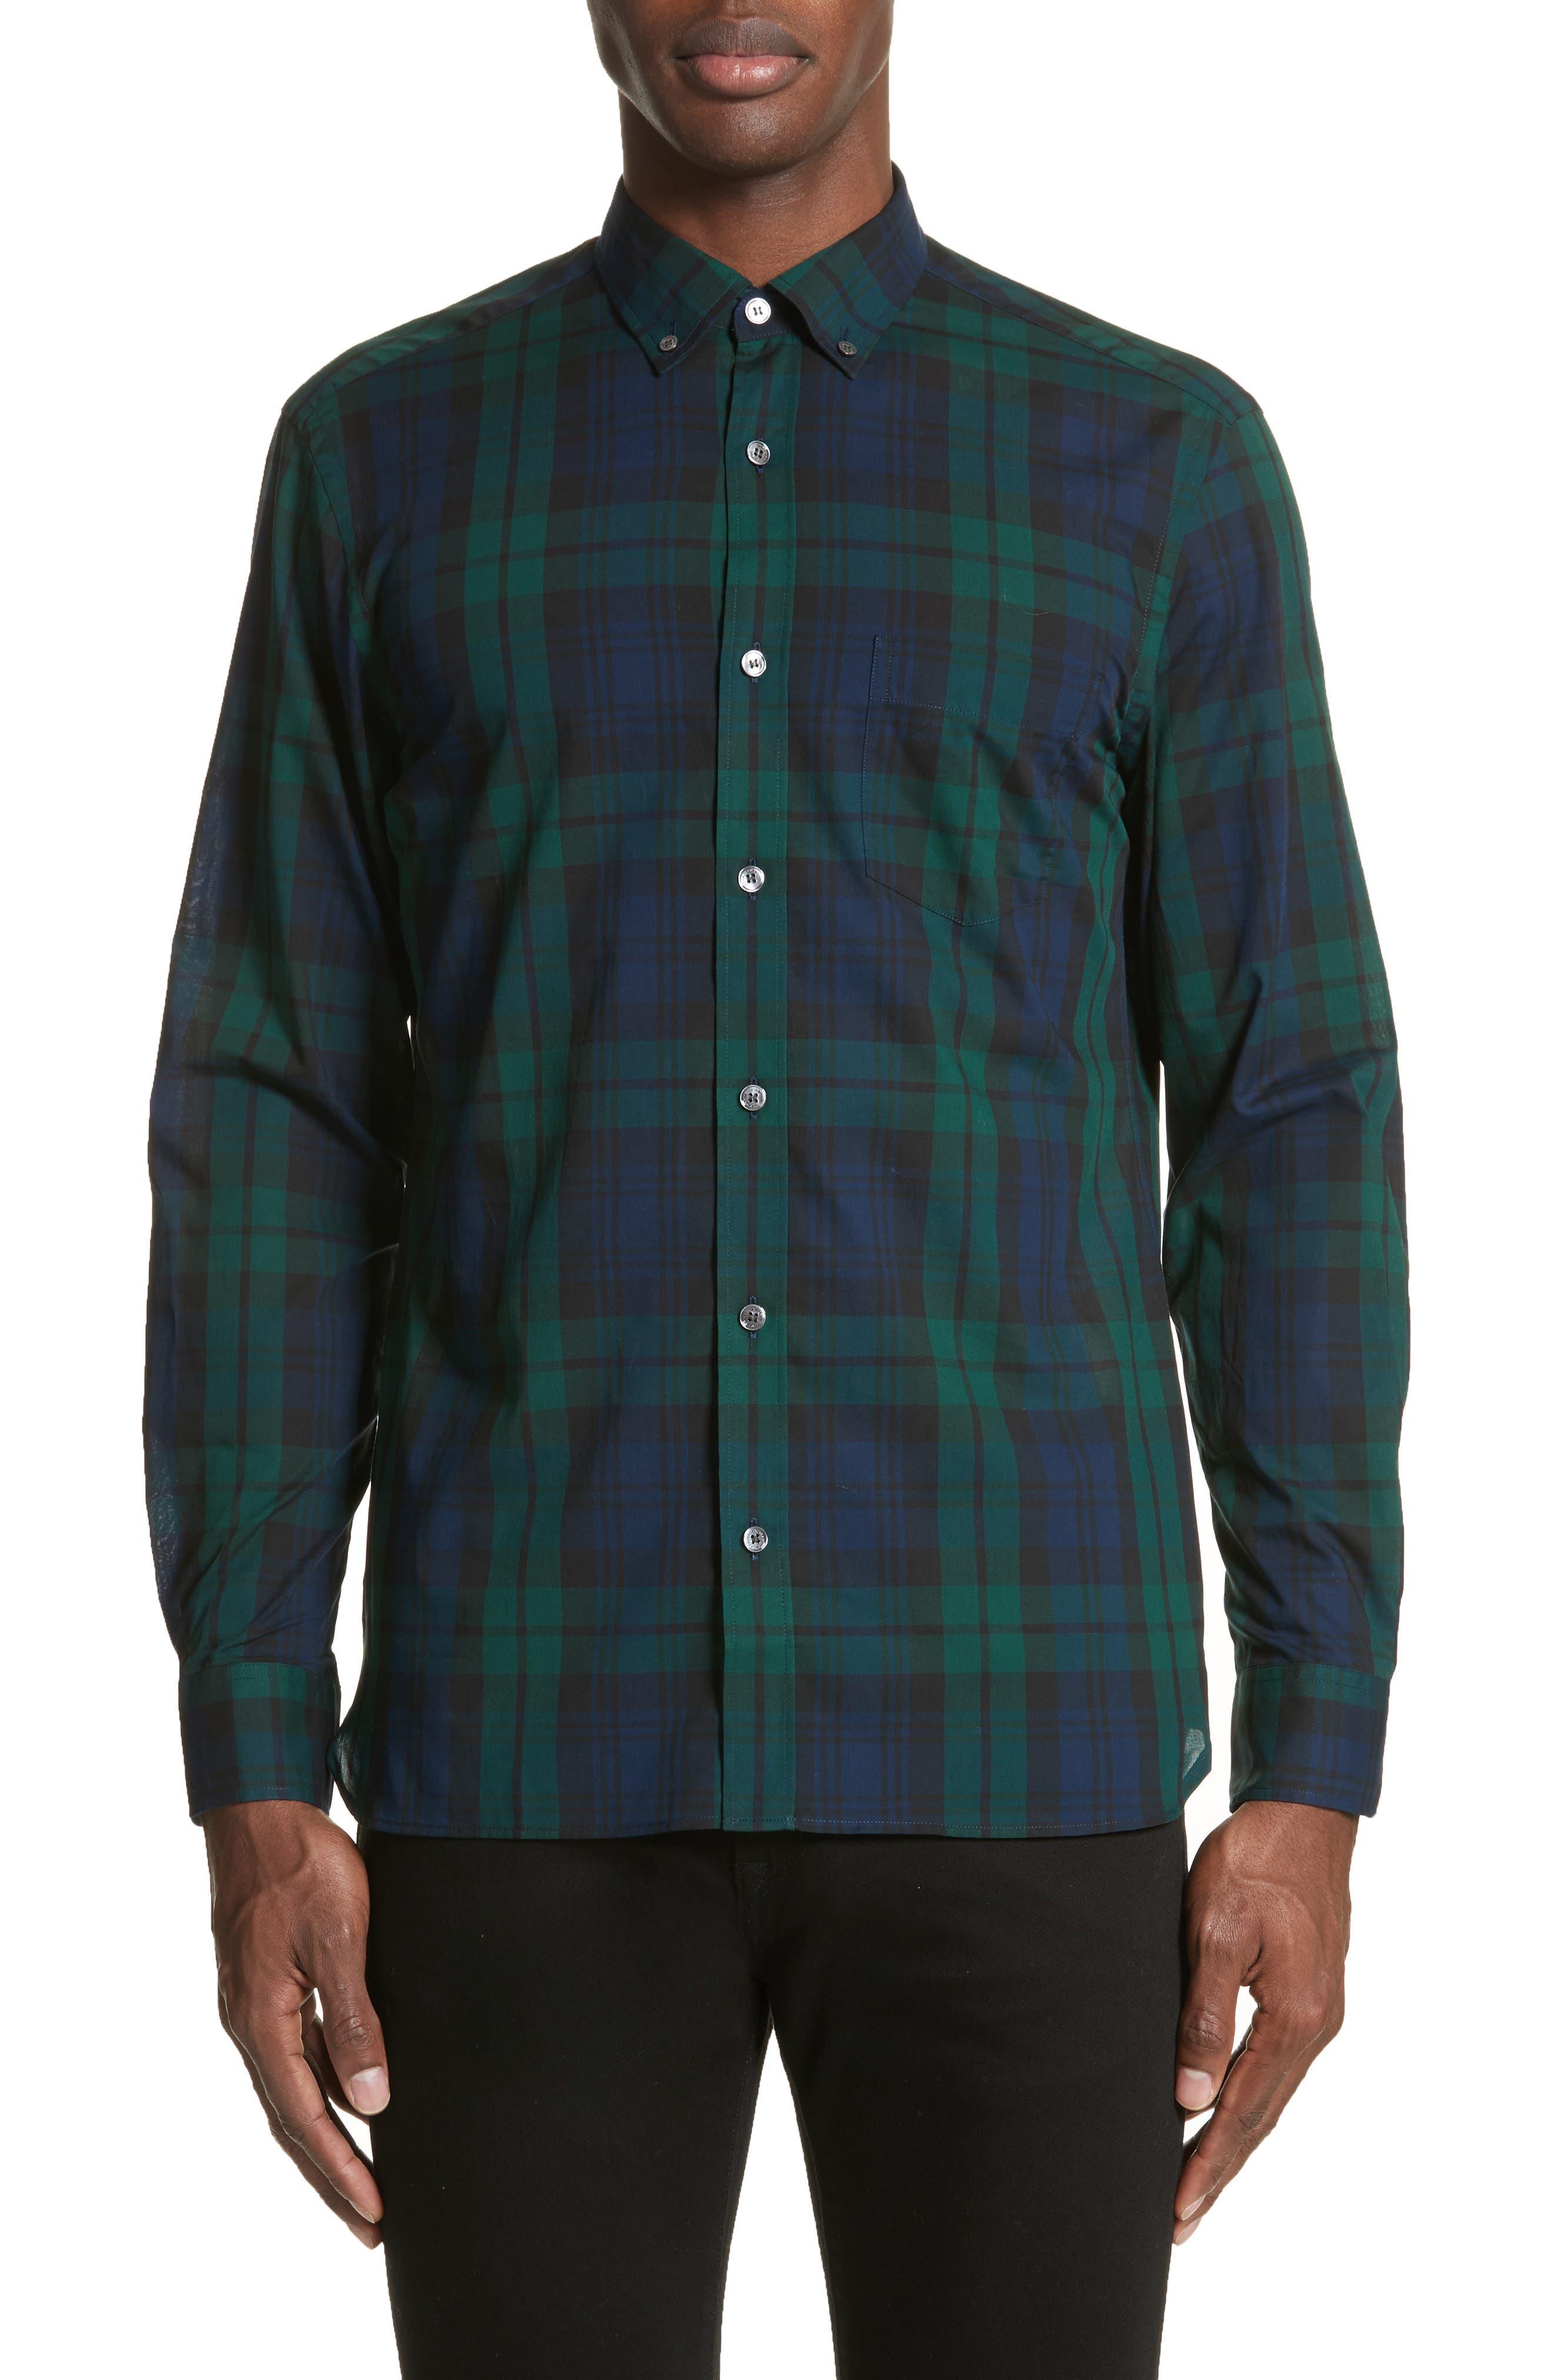 Burberry Salwick Tartan Plaid Sport Shirt